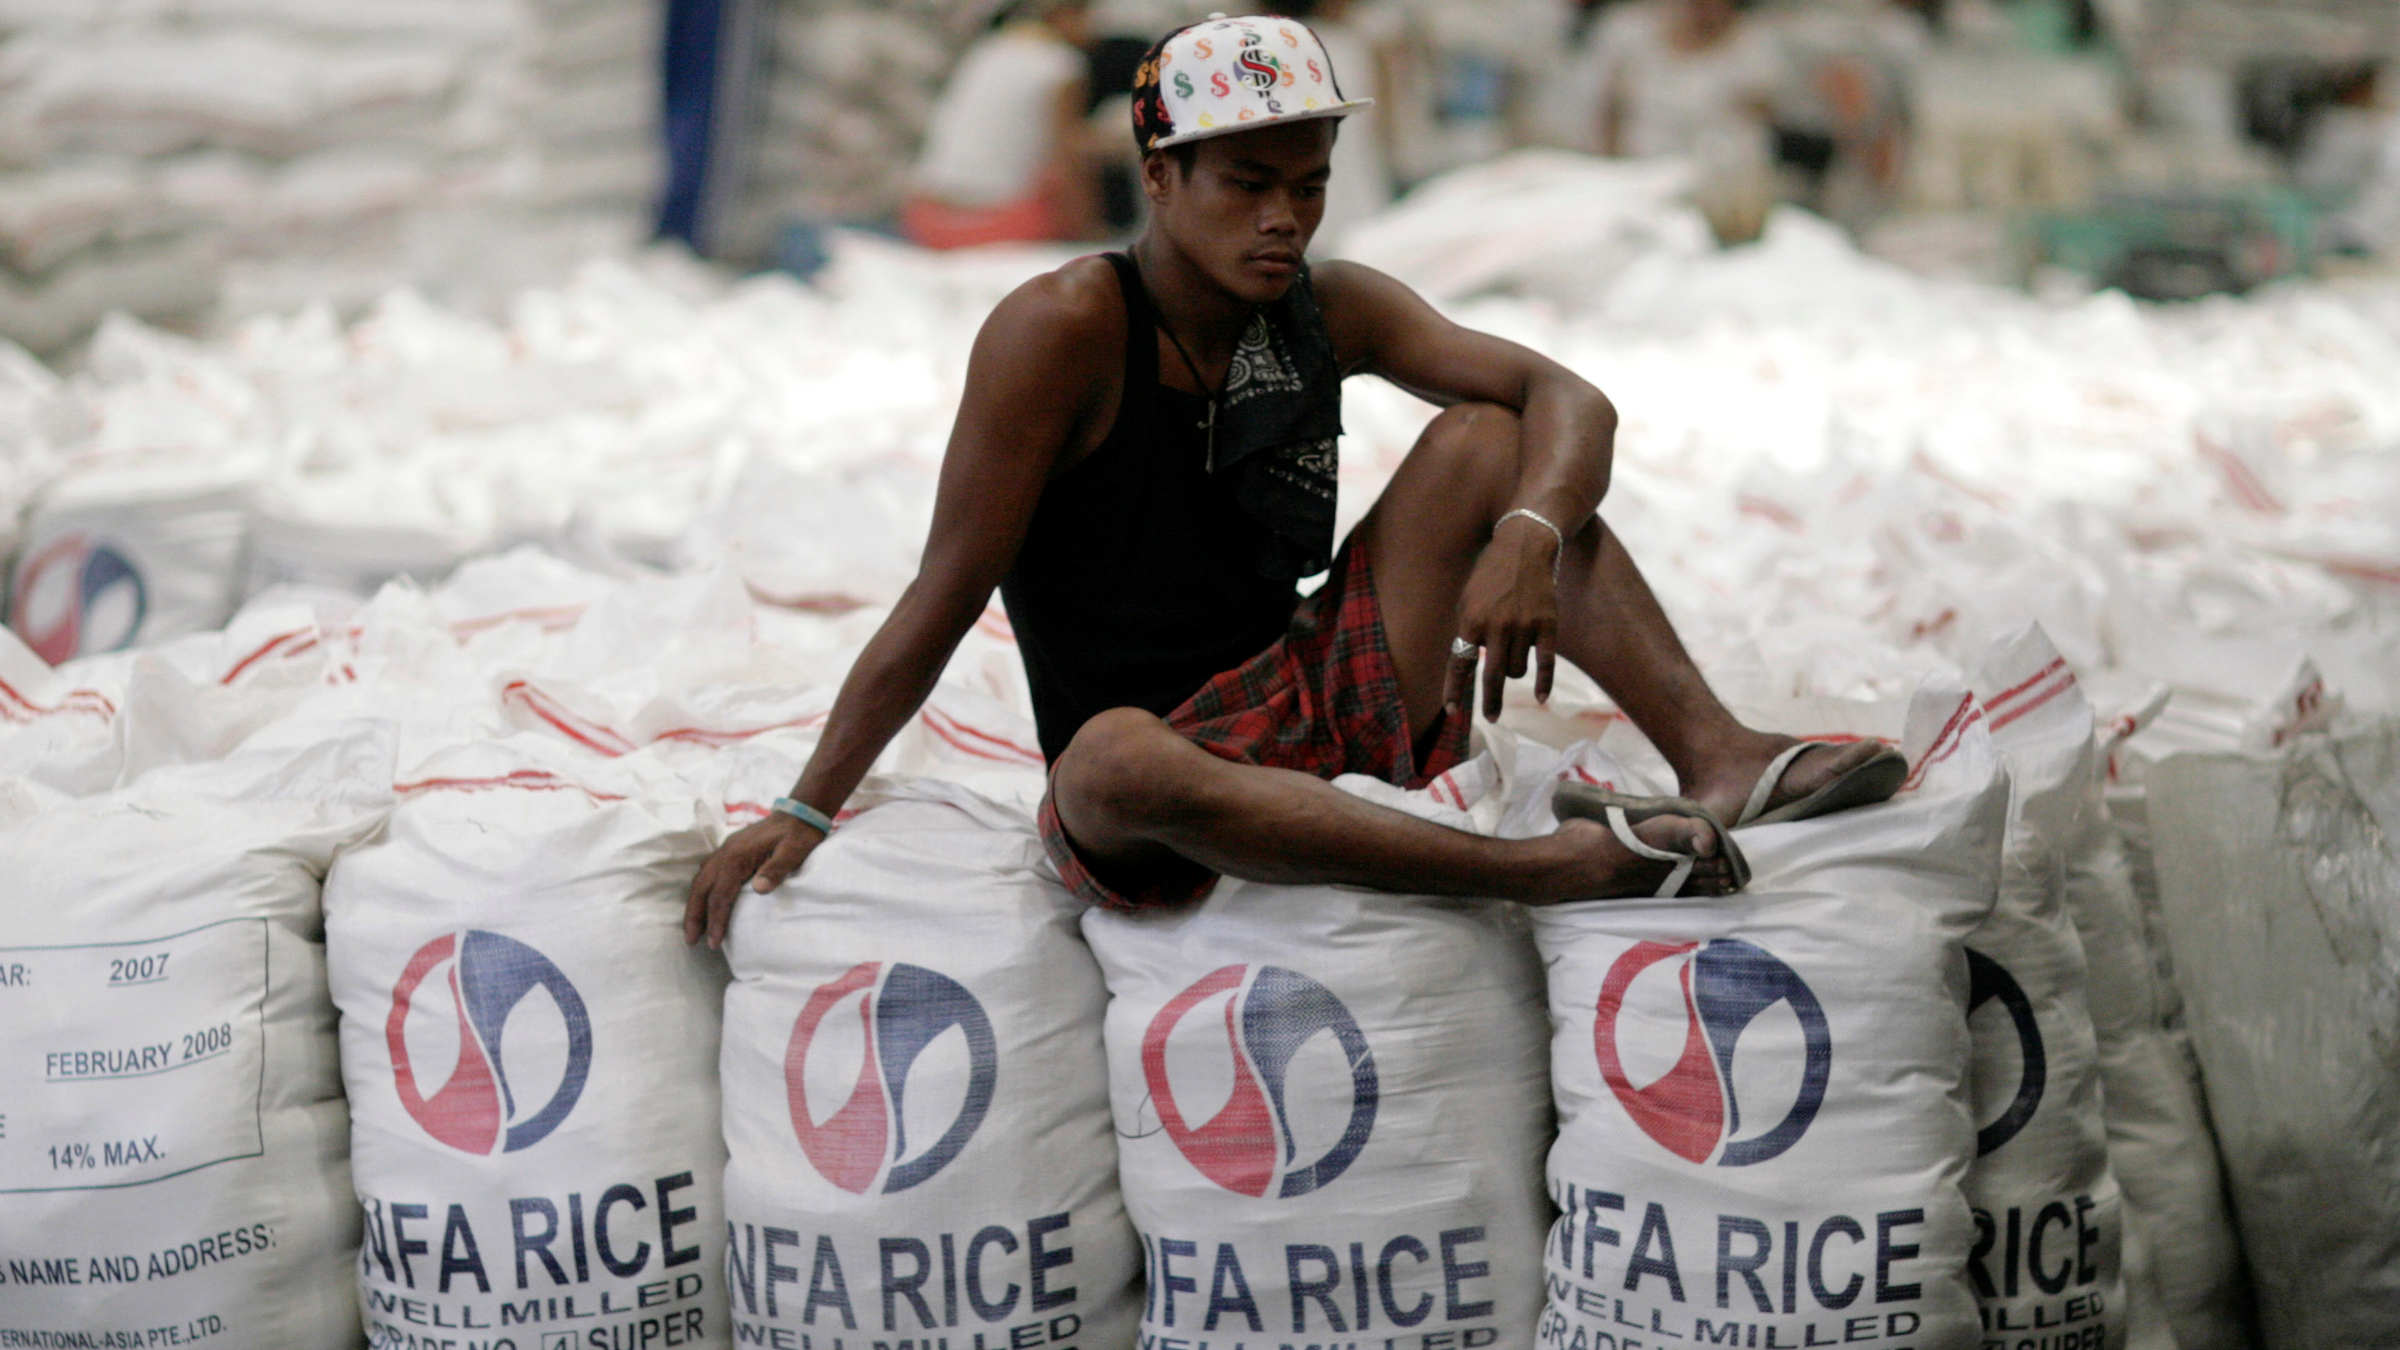 Rice Philippines Typhoon Haiyan